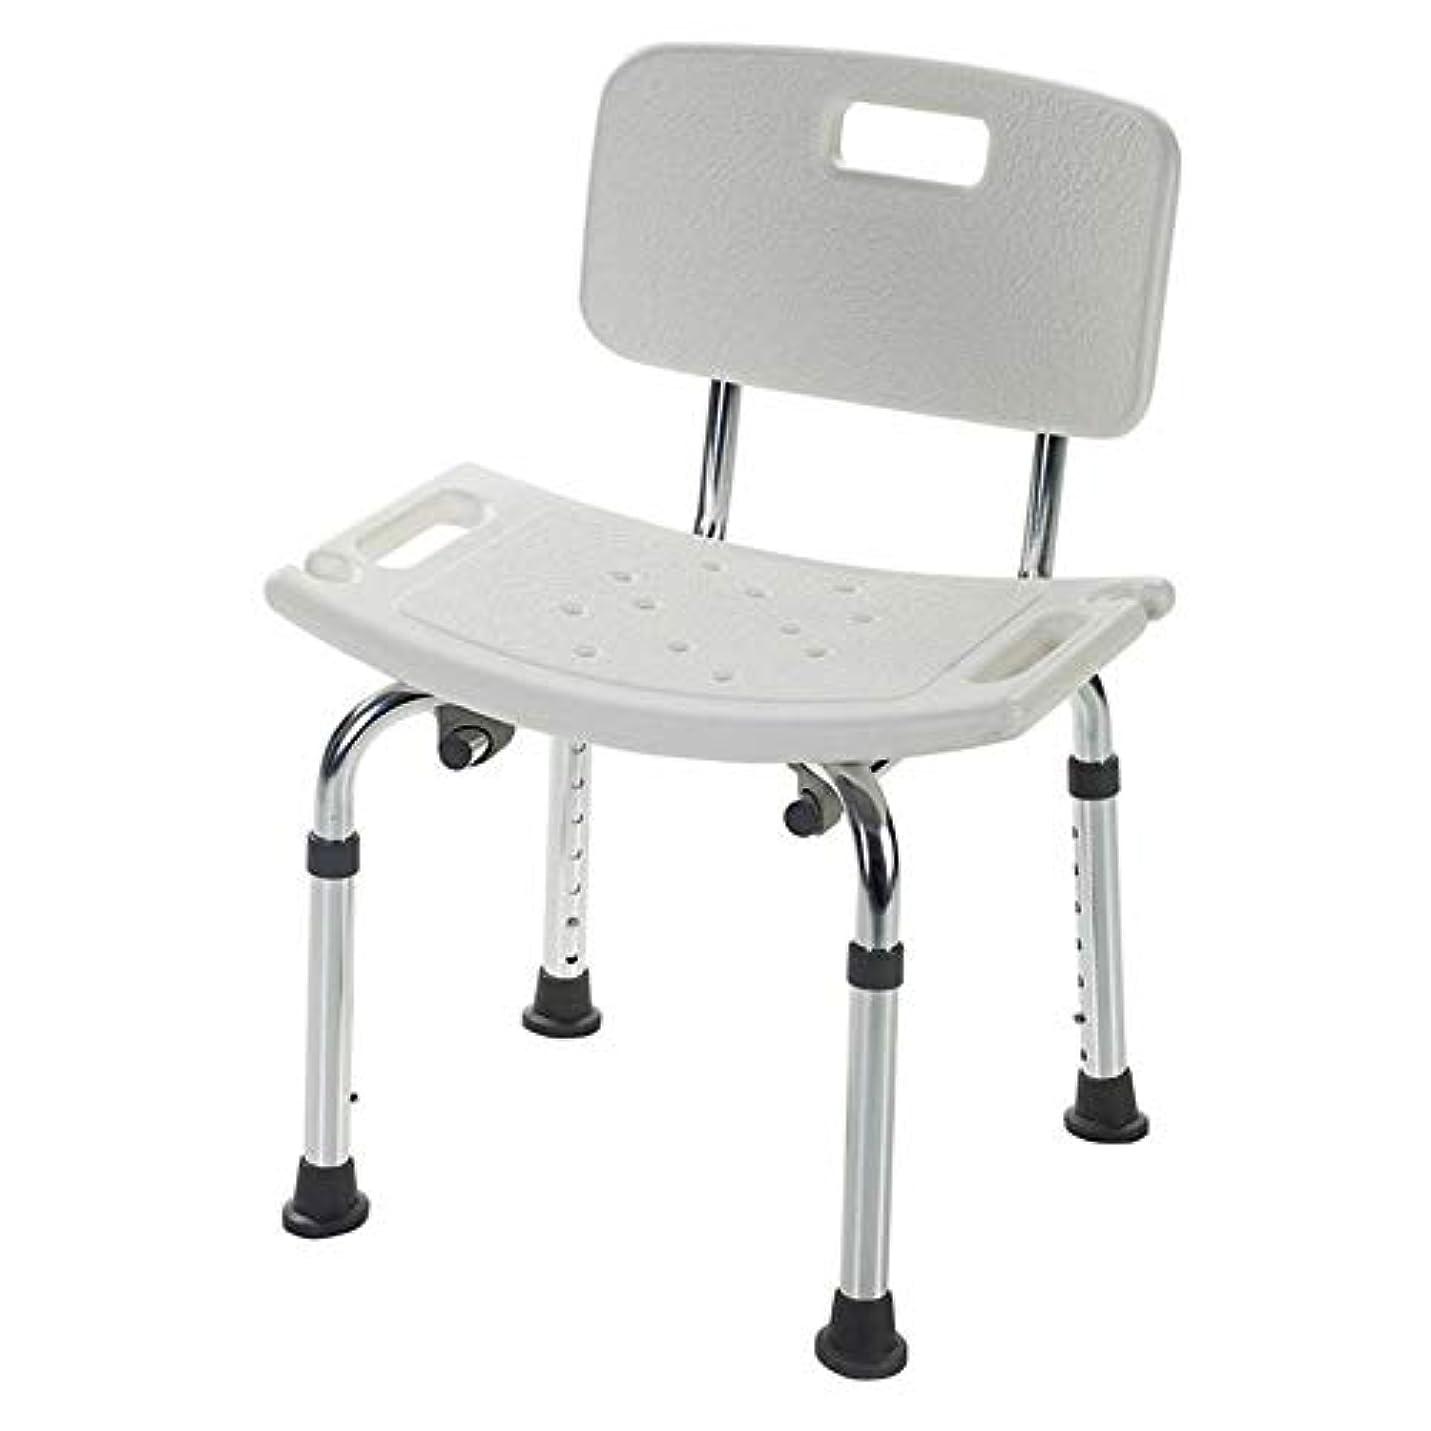 さまよう成果救いバスシートベンチシャワースツールシャワーチェア、背もたれ付きU字型シートプレート高さ調節可能な高齢者用入浴補助具